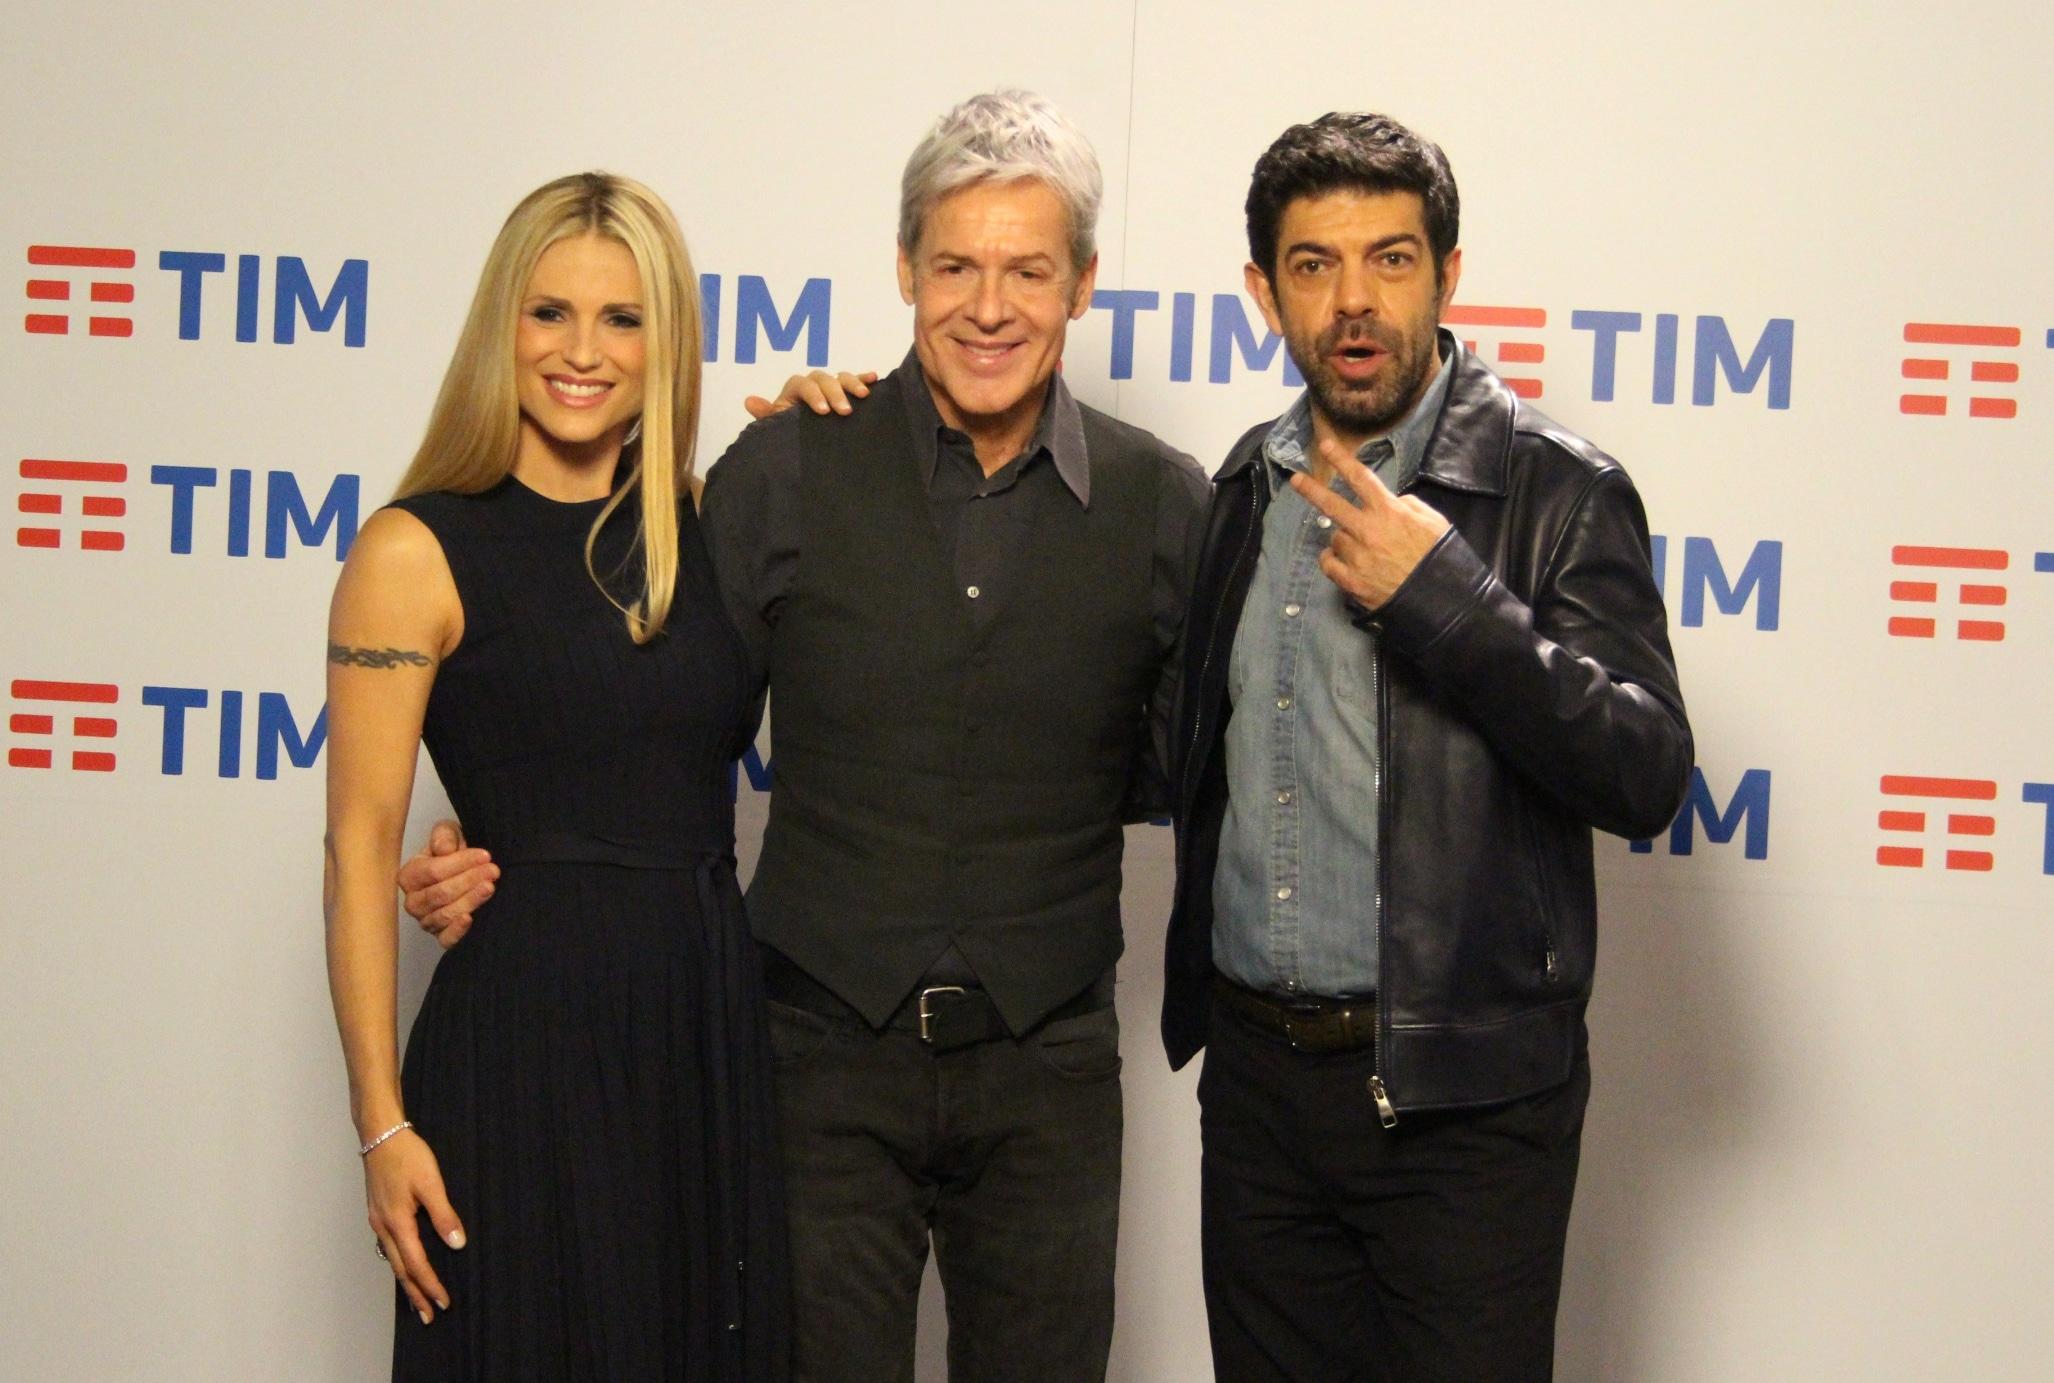 Festival di Sanremo 2018: un successo straordinario dovuto al mix delle professionalità consolidate di Baglioni, Hunziker e Favino